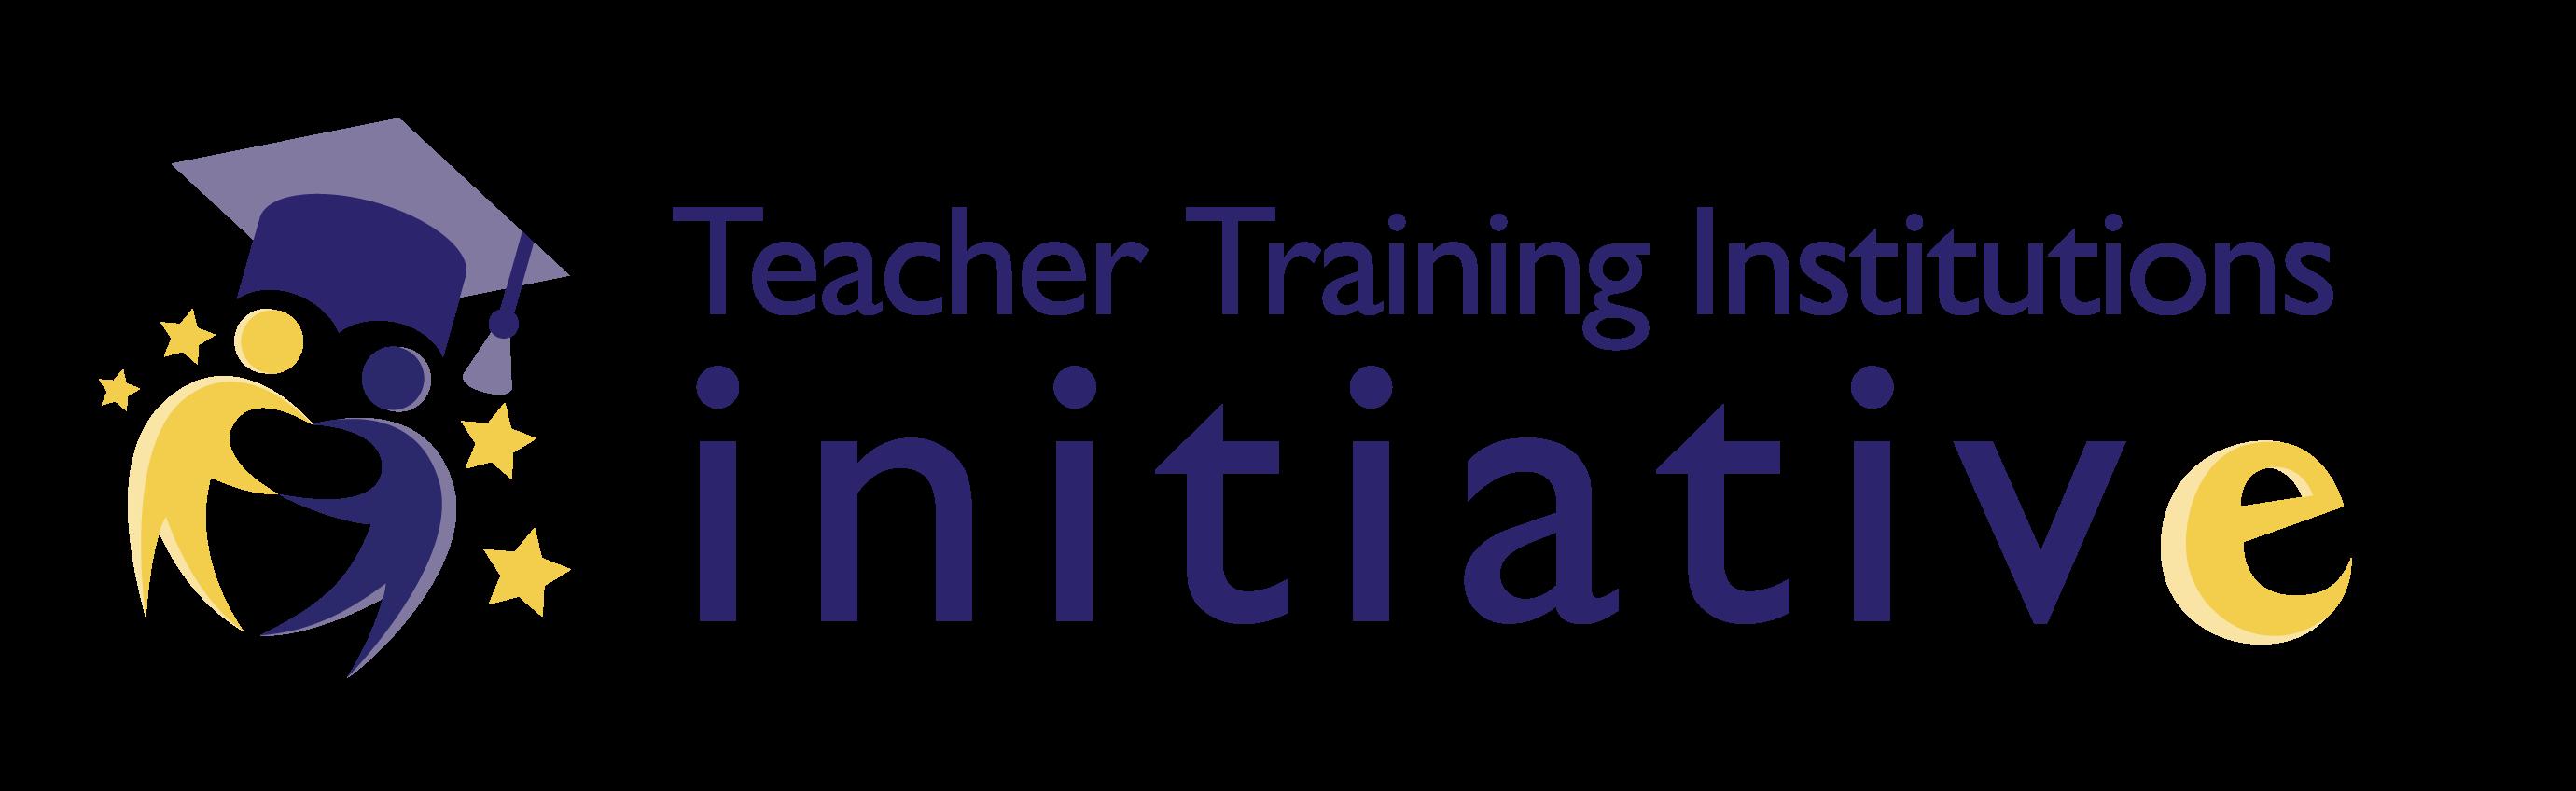 Predstavljanje primjera dobre prakse uvođenja eTwinninga u rad sa studentima  - Slika